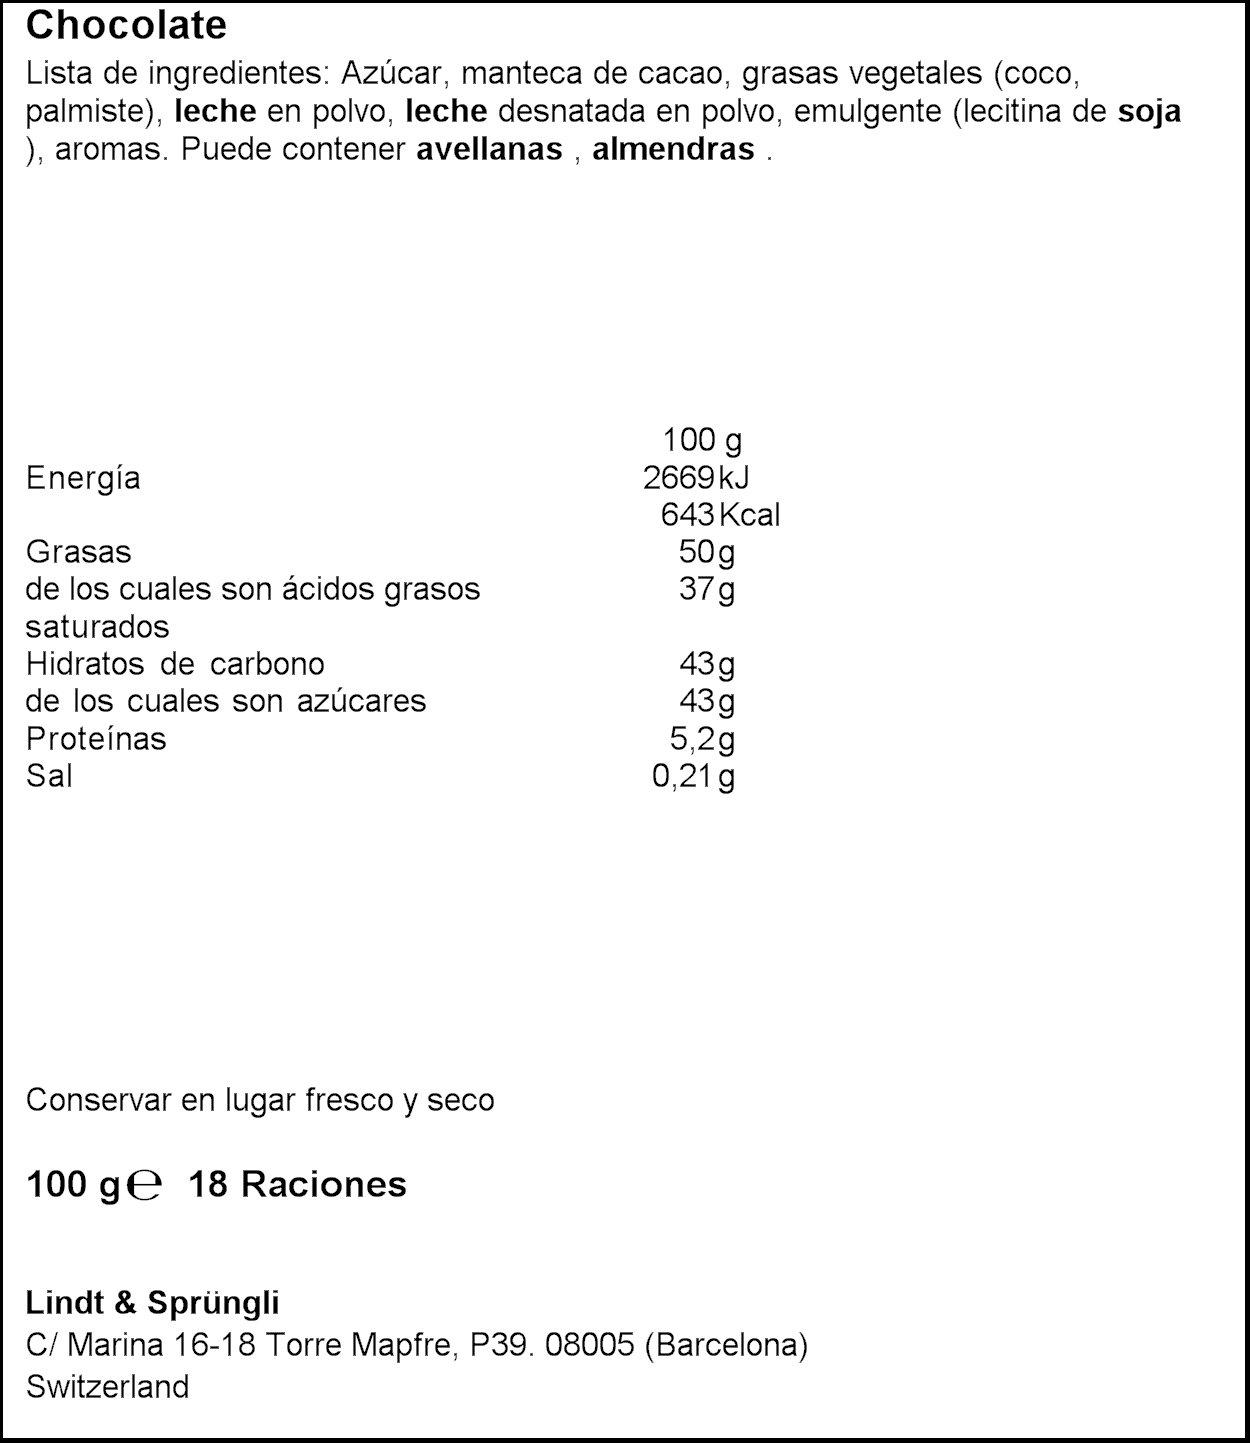 Lindt Lindor Singles Tableta de Chocolate Blanco con Relleno Cremoso - 100 gr: Amazon.es: Alimentación y bebidas